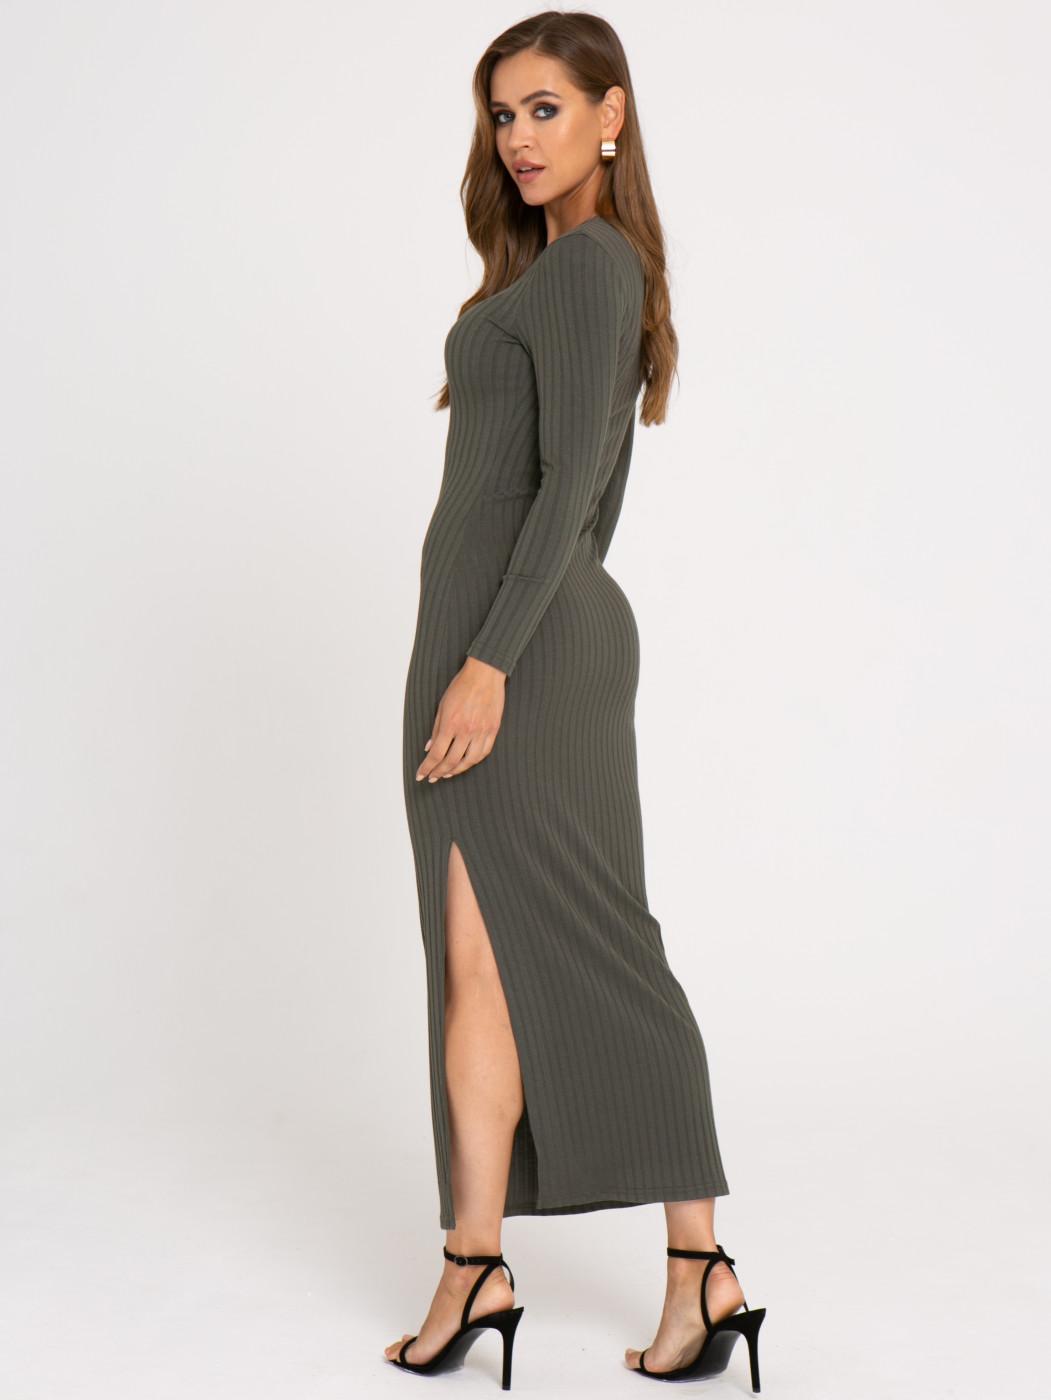 Платье А406 цвет: хаки